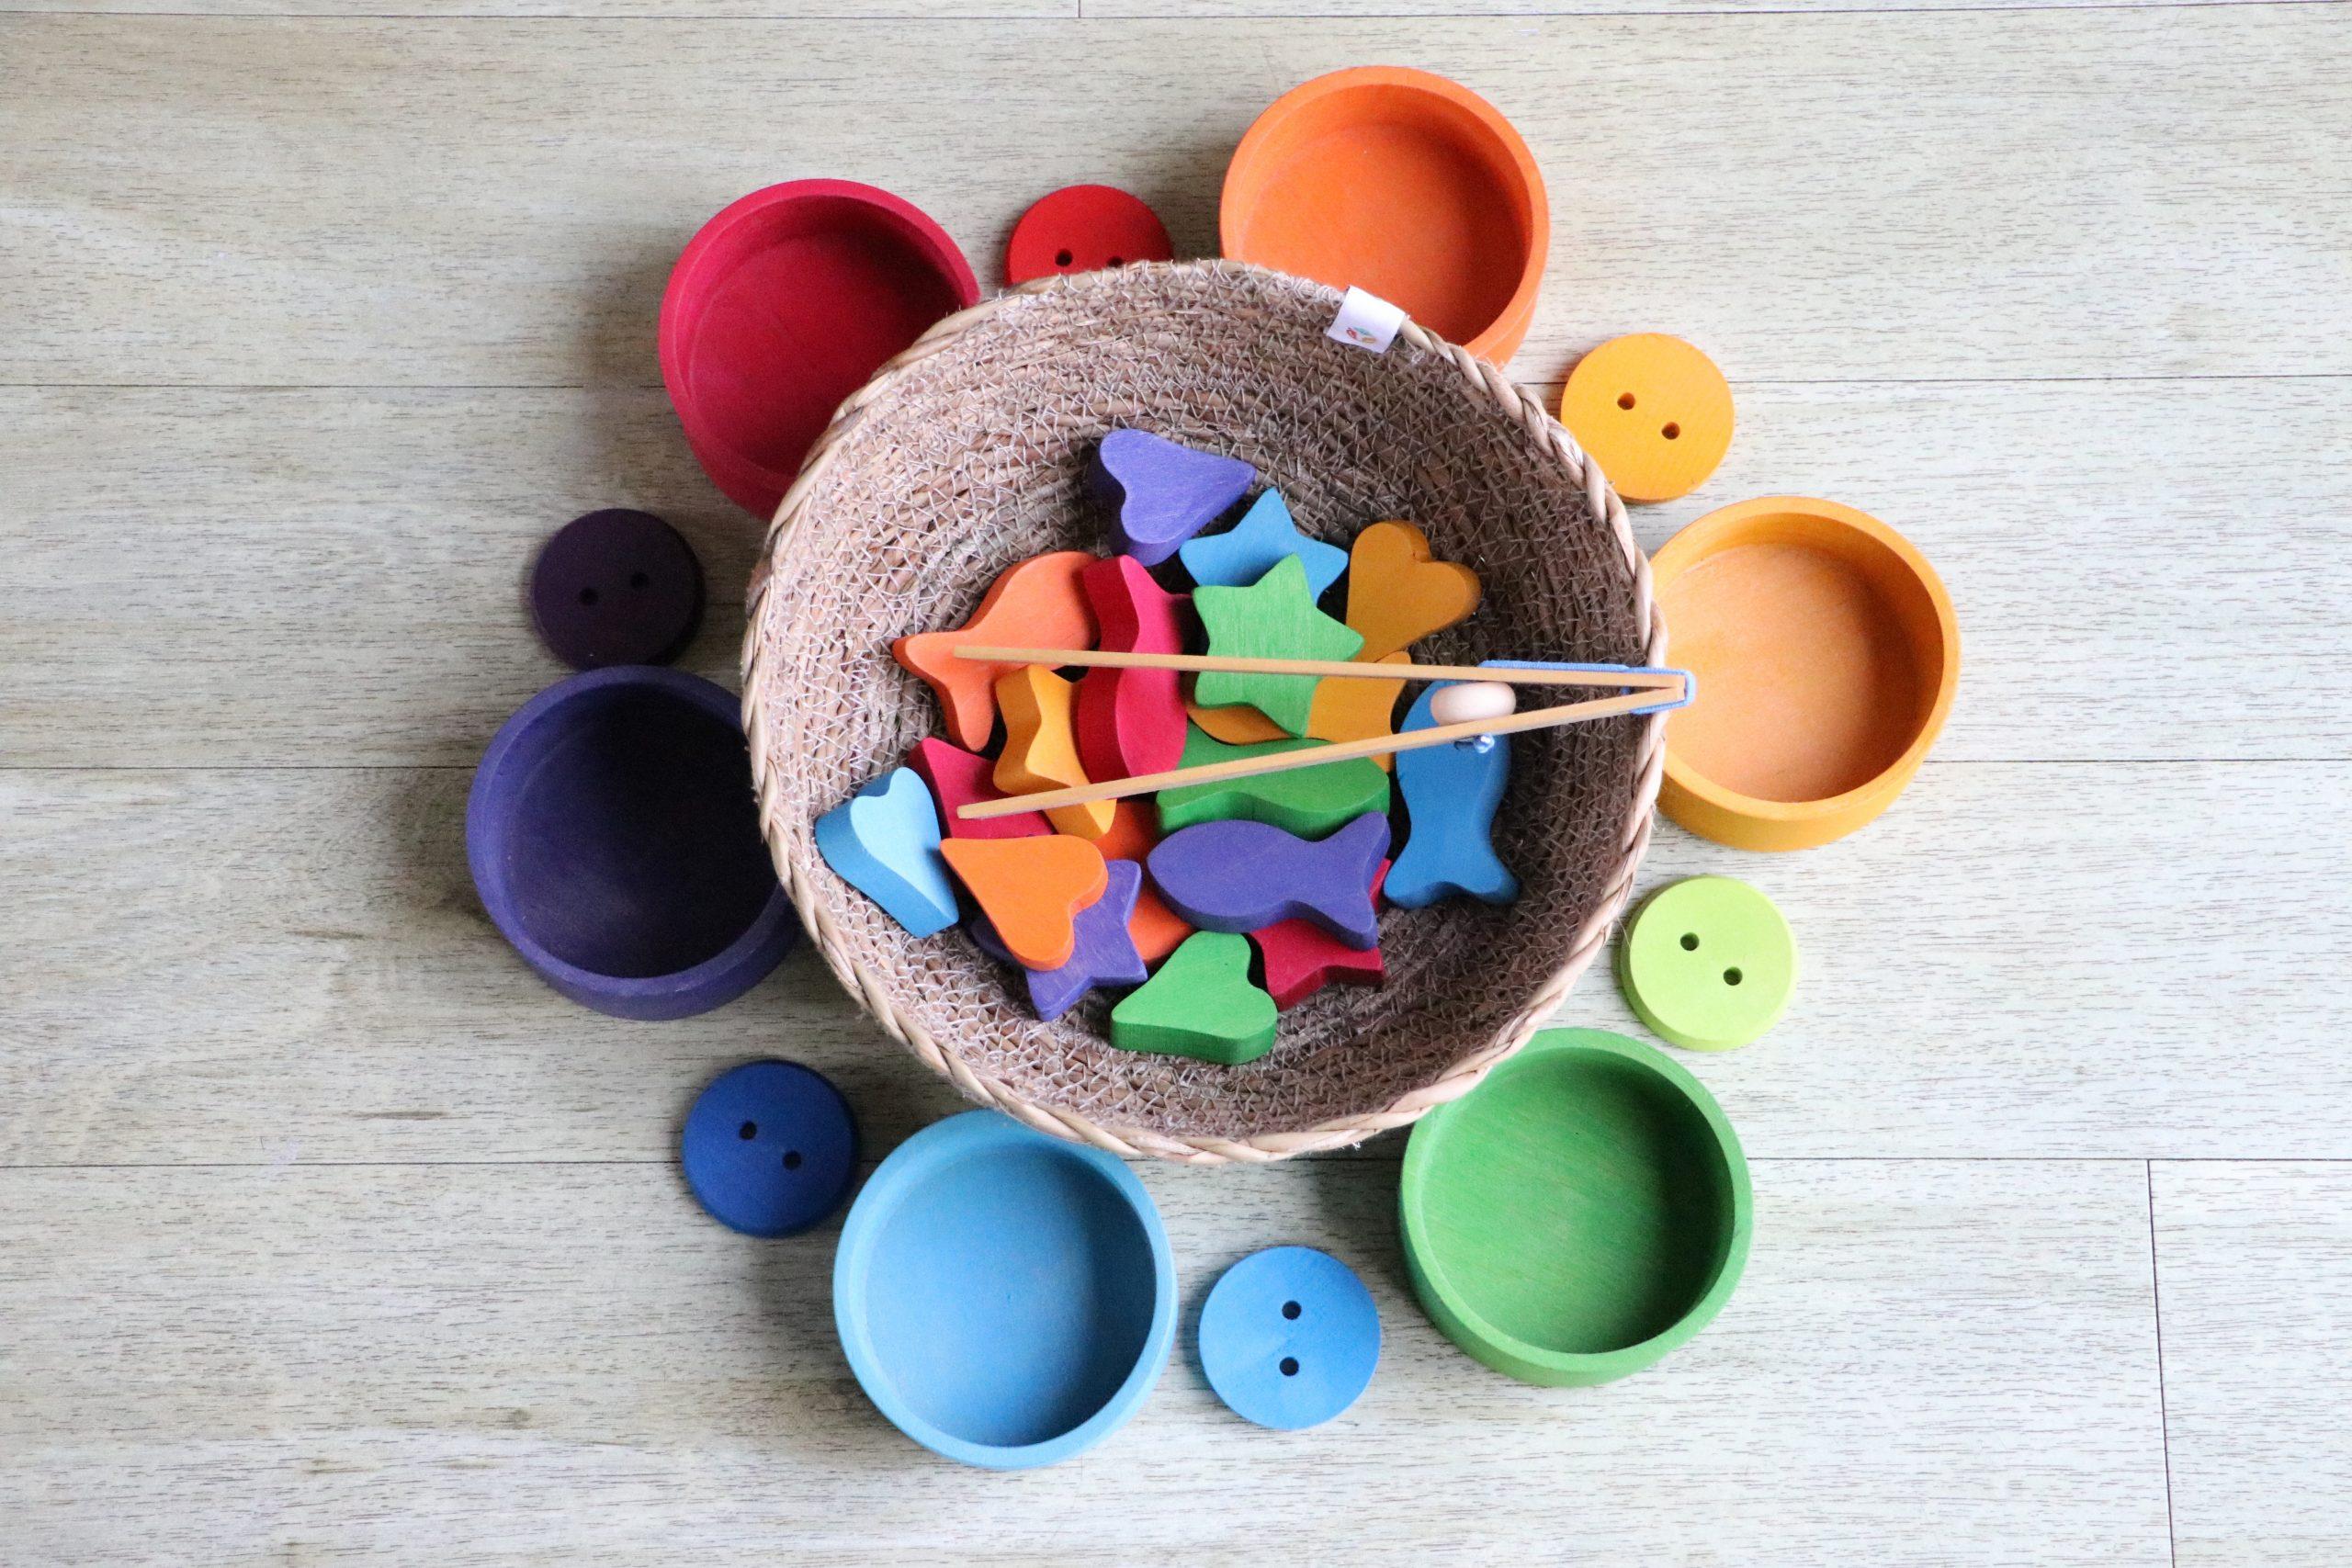 Les Meilleures Activités Montessori Pour Les Maternelles intérieur Activité Montessori 3 Ans